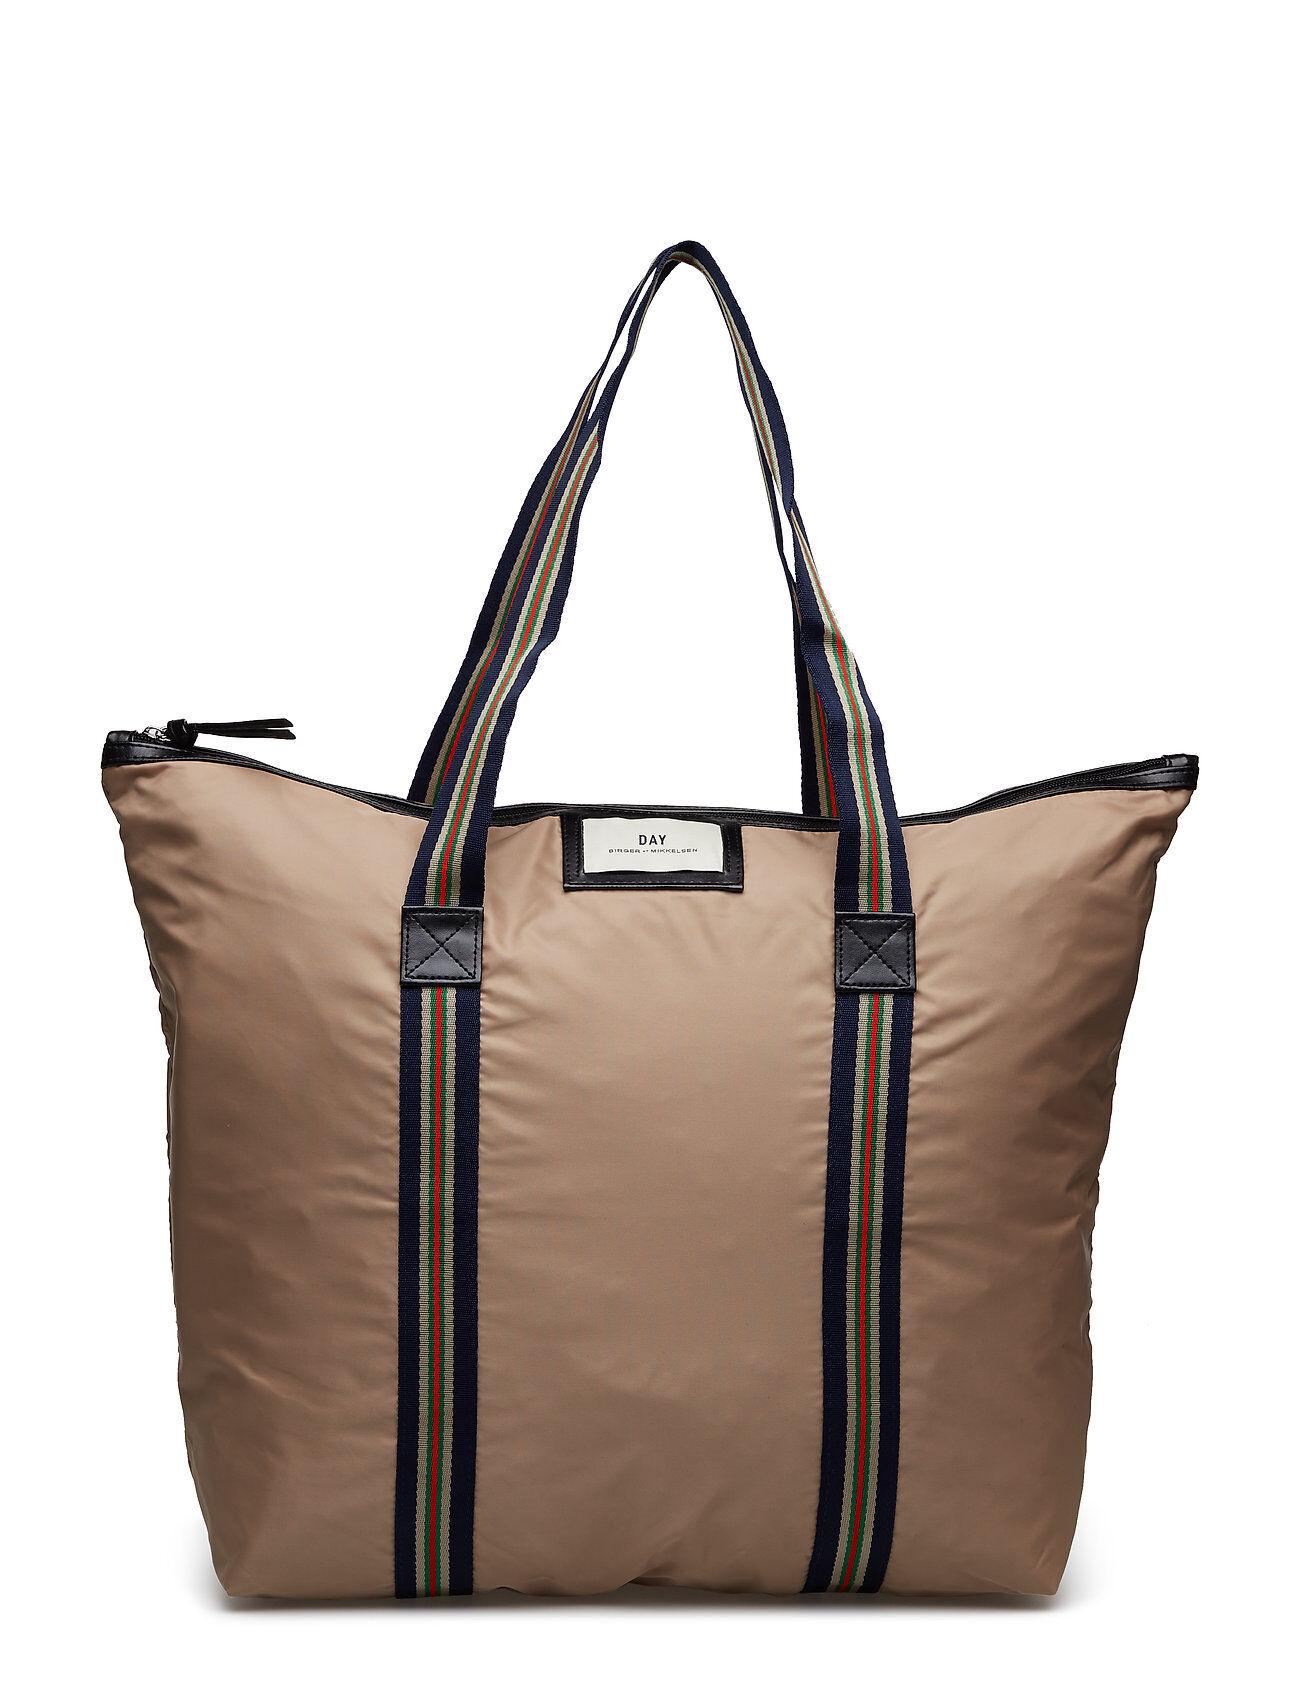 DAY et Day Gweneth Prep Bag